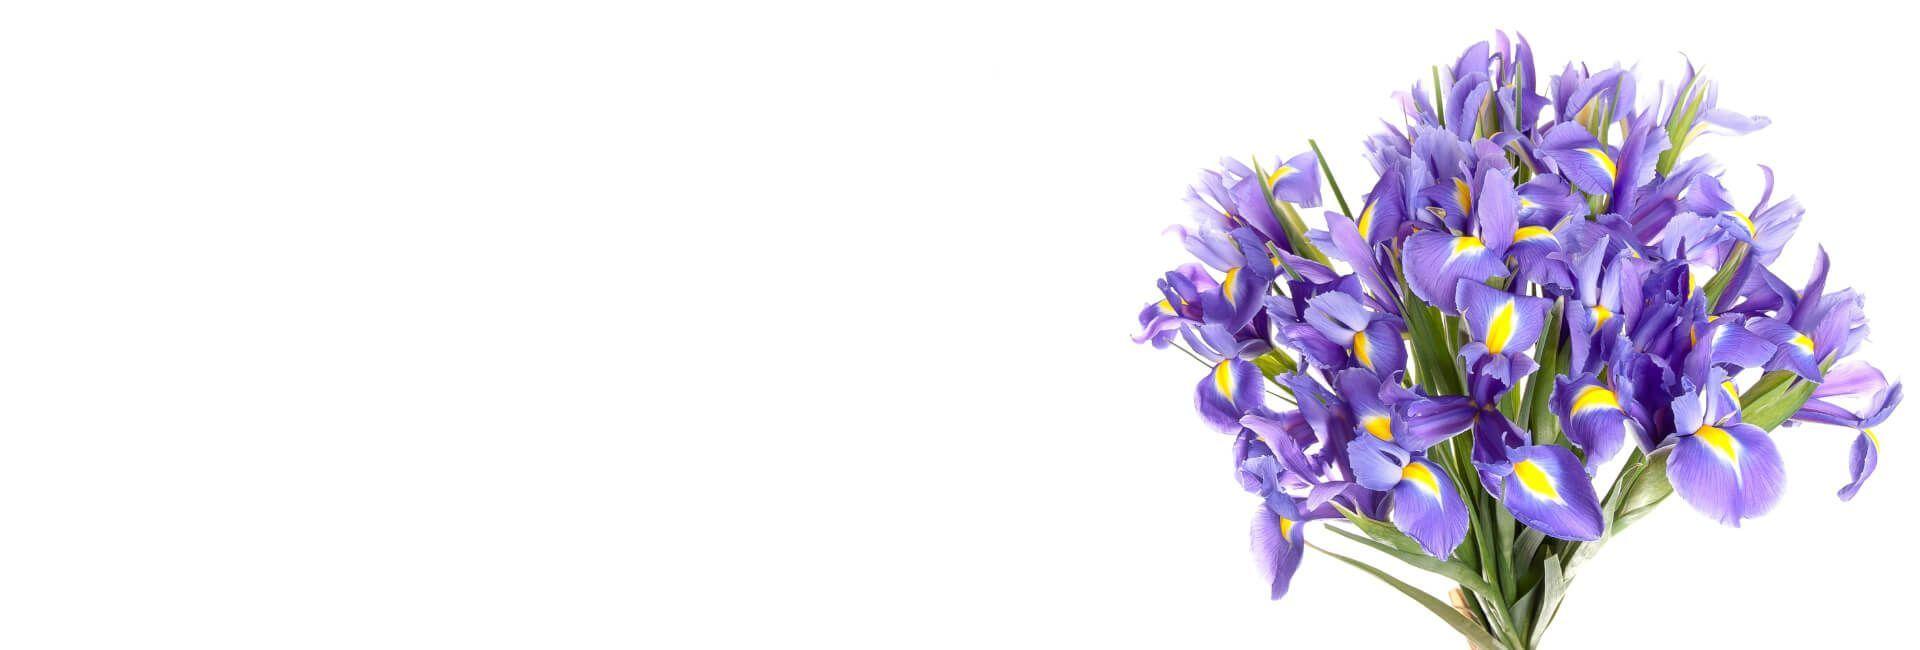 Irises Flower Gifts Bristol - Best in Bristol, CT